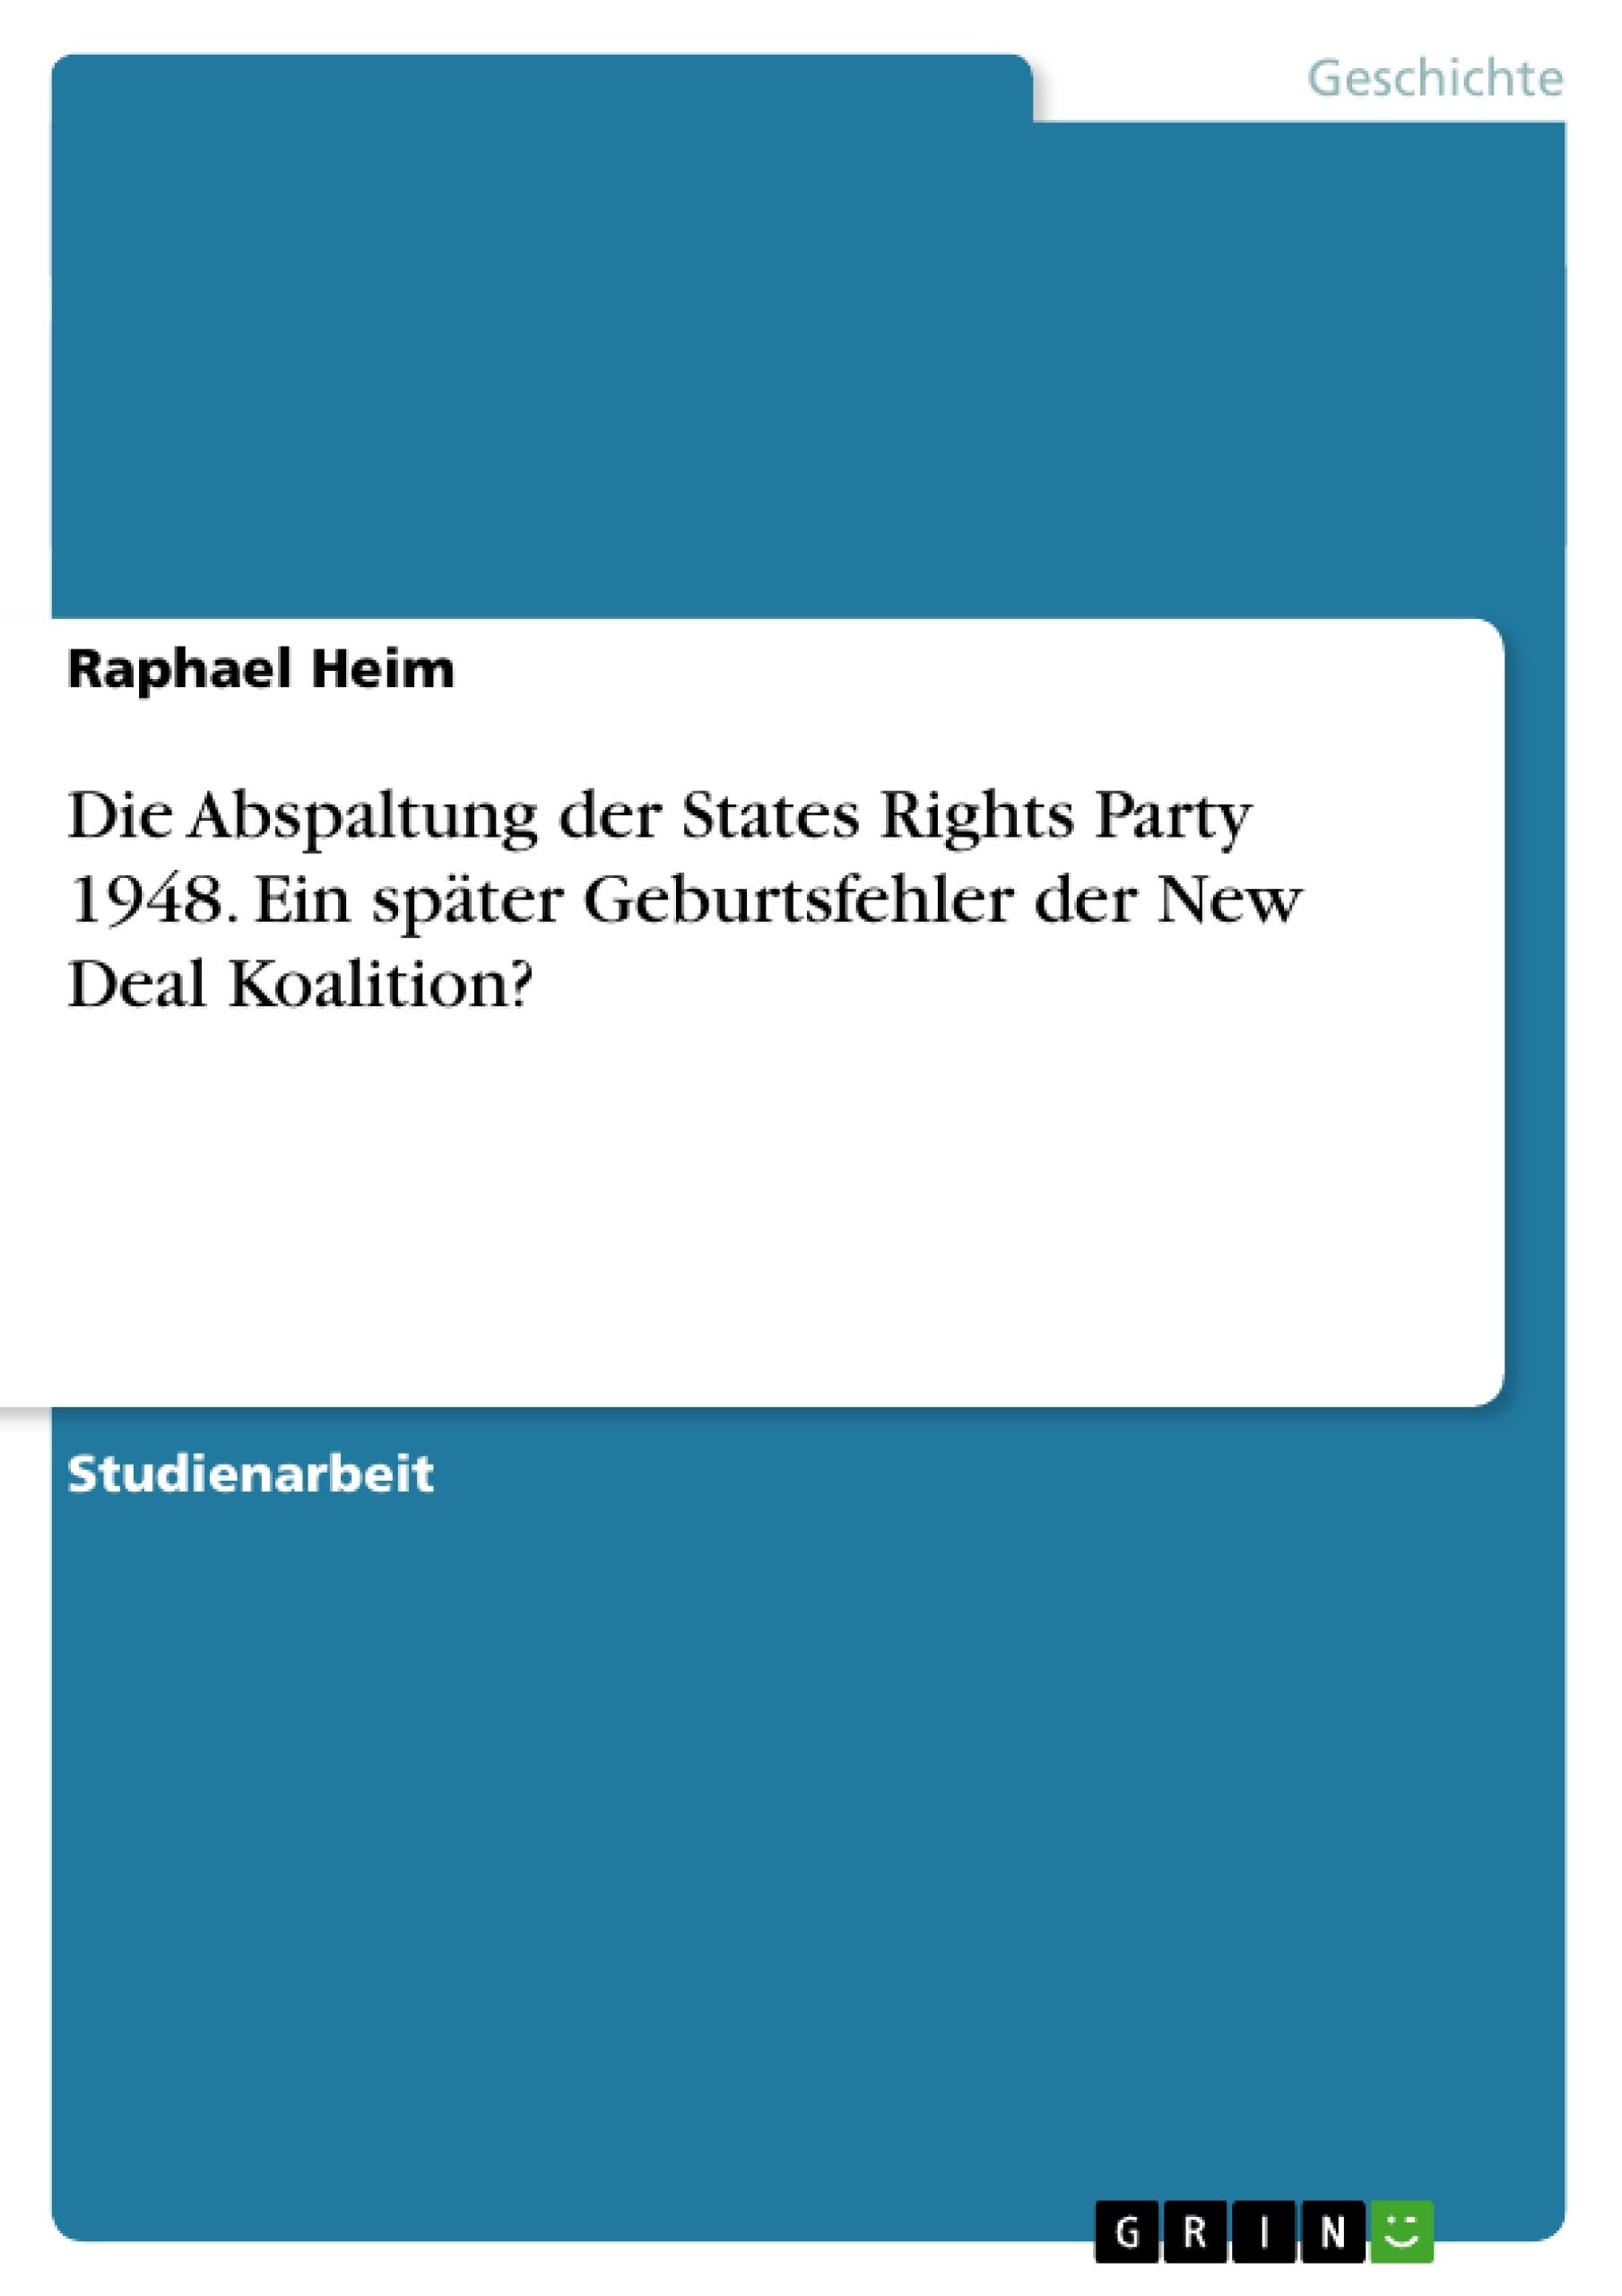 Titel: Die Abspaltung der States Rights Party 1948. Ein später Geburtsfehler der New Deal Koalition?